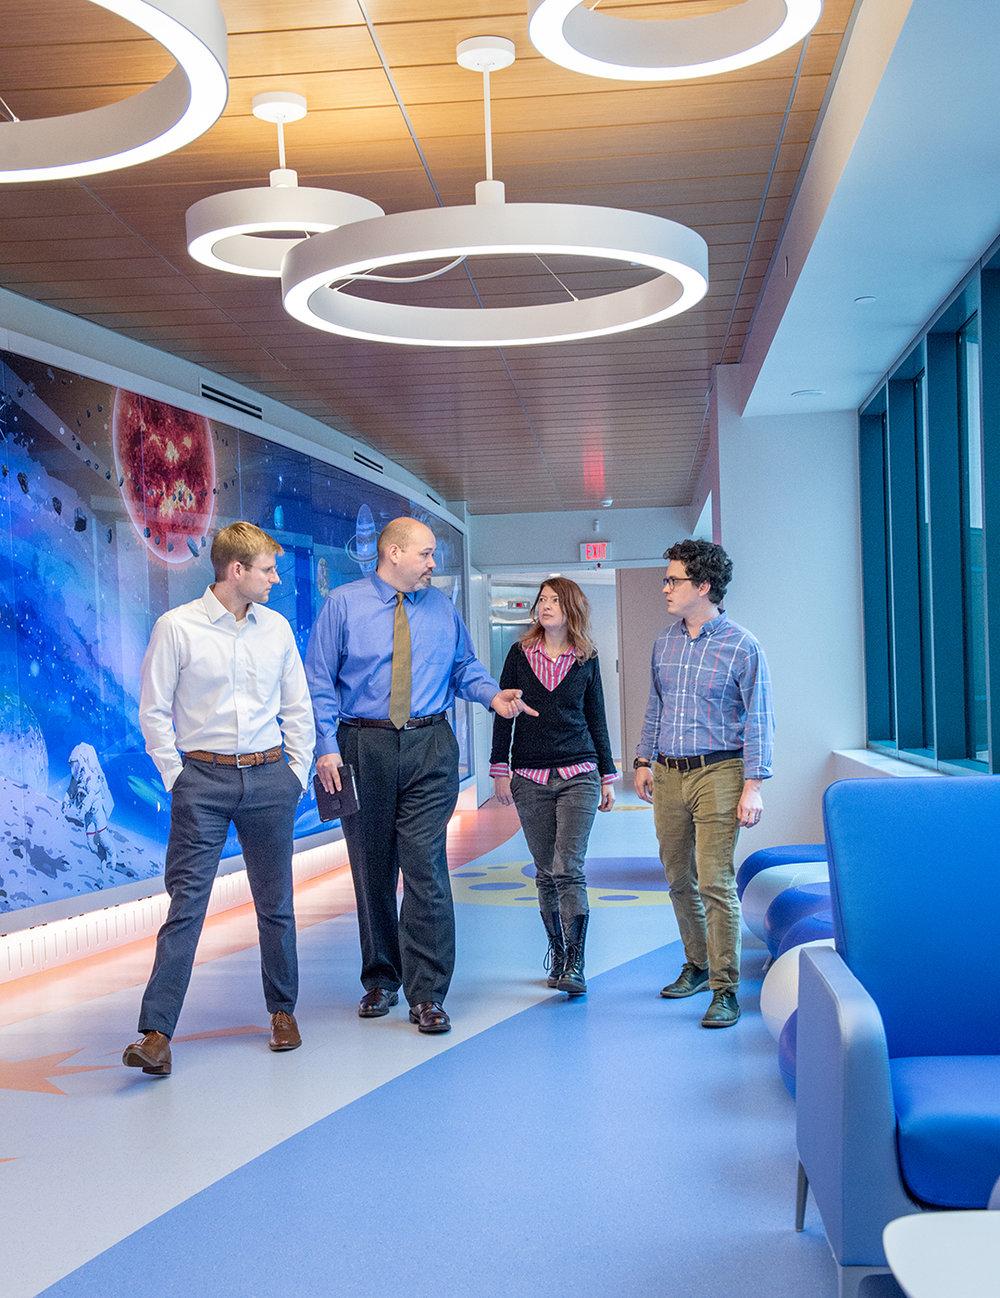 officeculture36.jpg